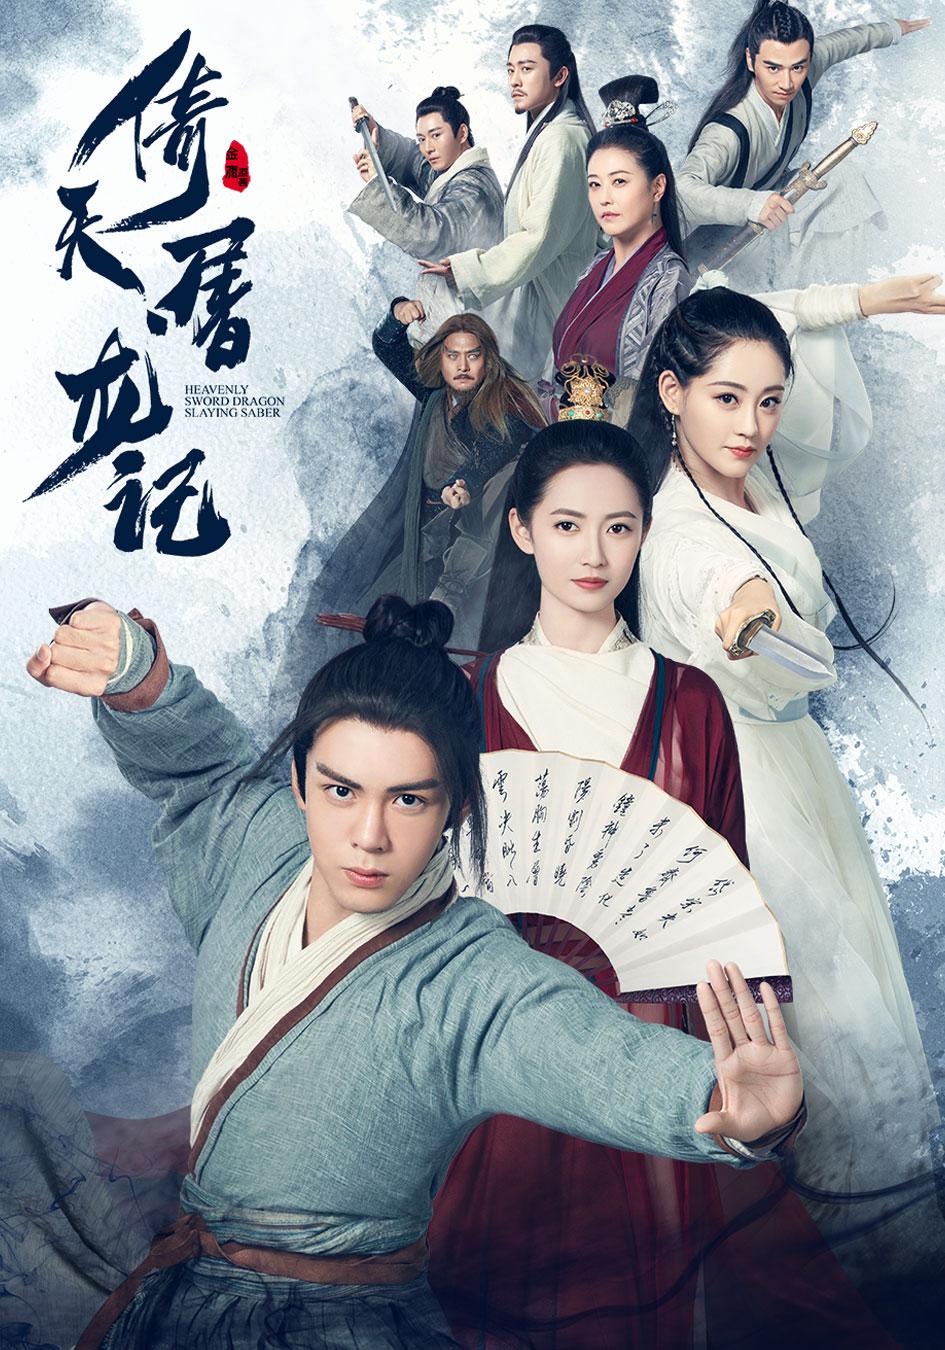 倚天屠龍記-Heavenly Sword Dragon Slaying Saber